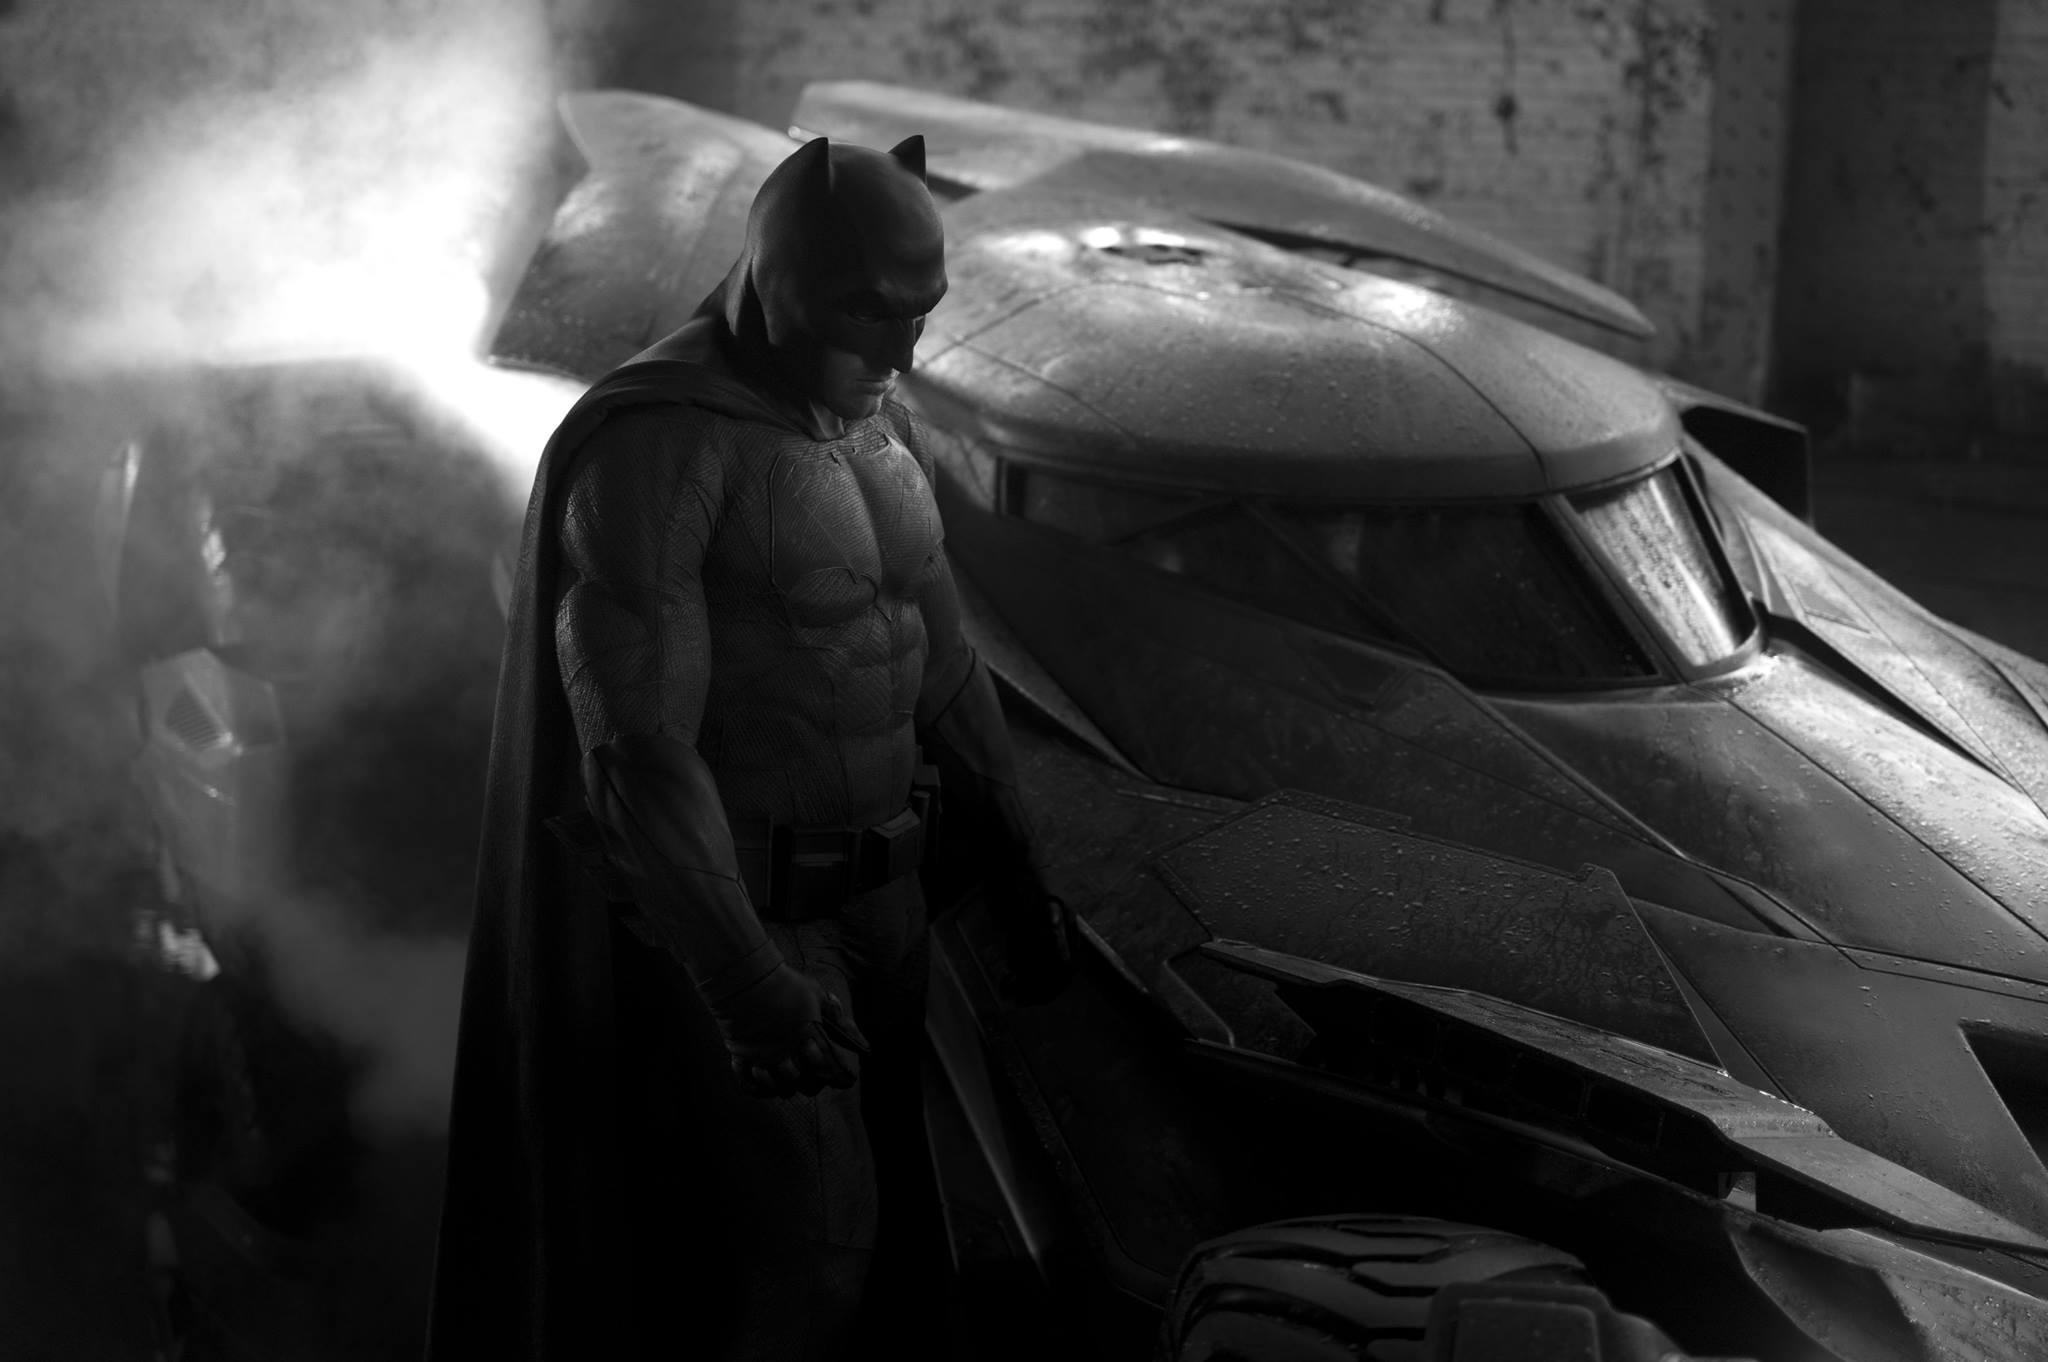 First appearance of Ben Affleck as Batman